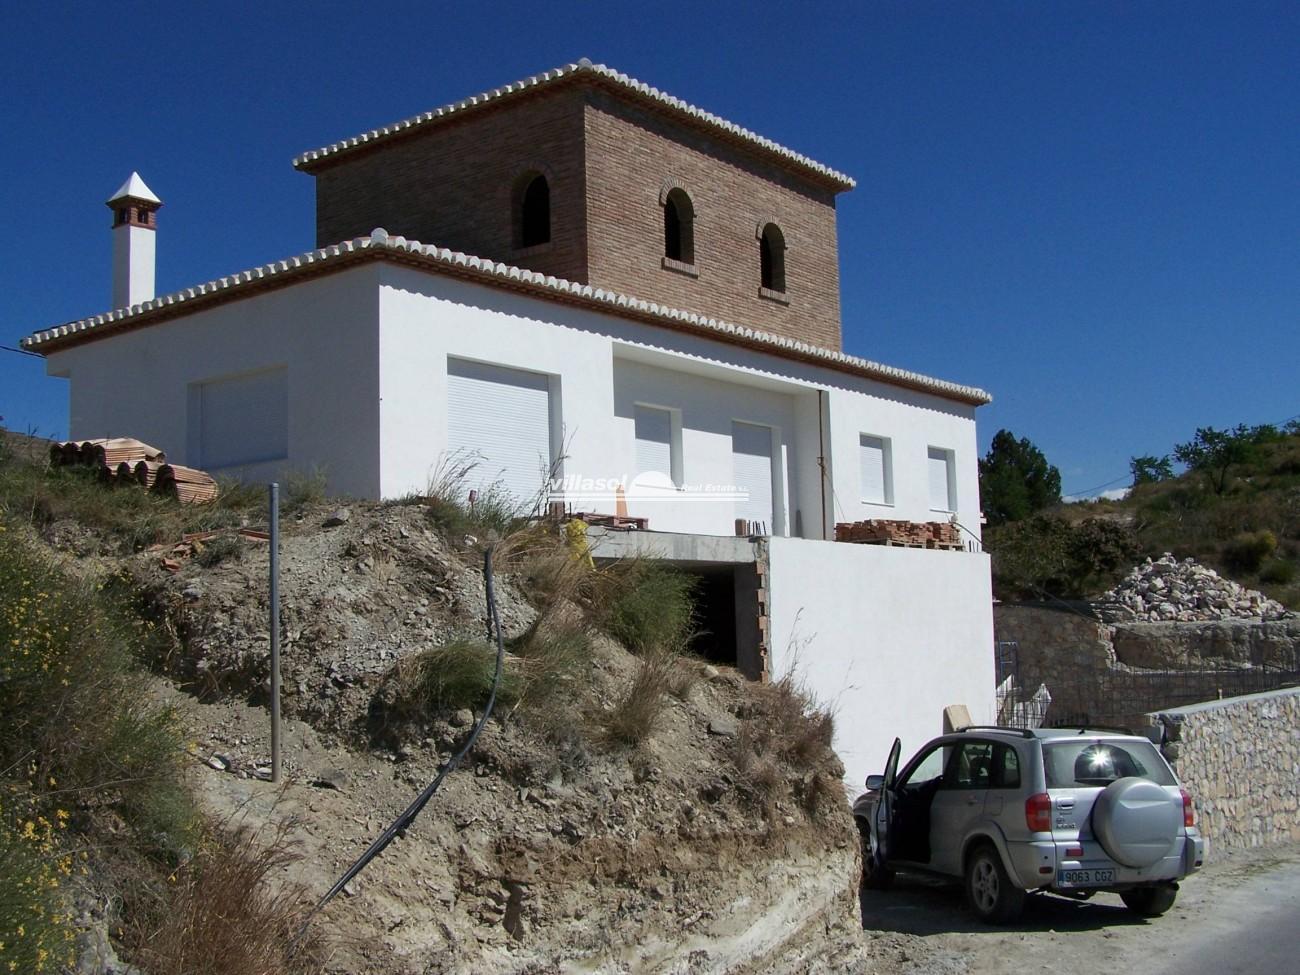 Villa for sale in almu ecar granada spain for Villas granada ii